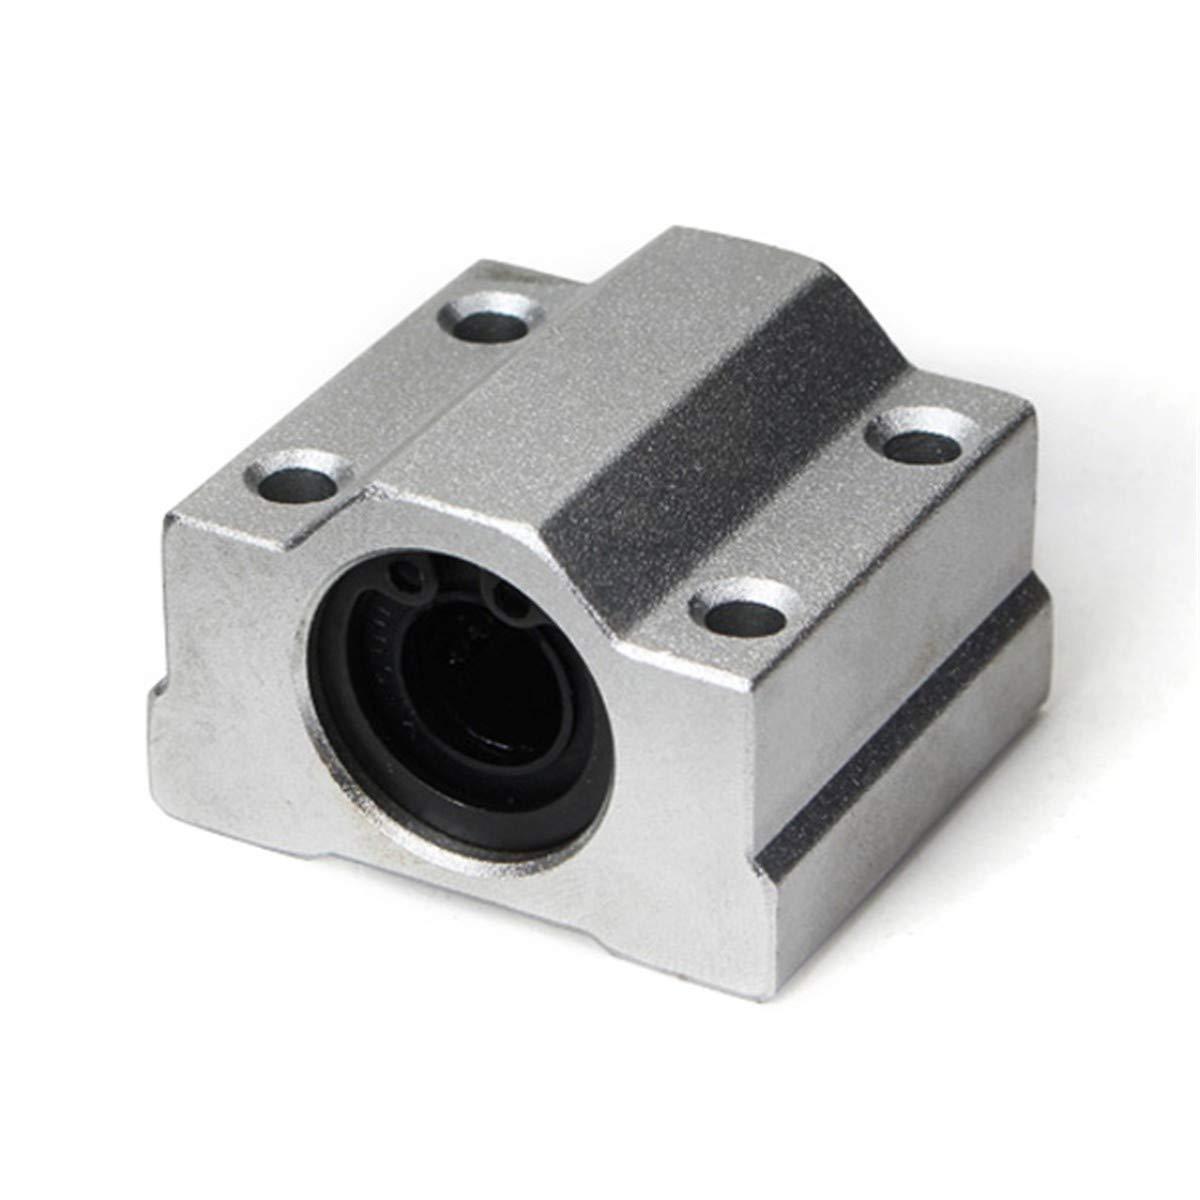 10//12 16Uu Blocco Di Boccole Di Scorrimento In Alluminio A Sfere Per Movimenti Lineari Scs 8Mm RanDal Scs8